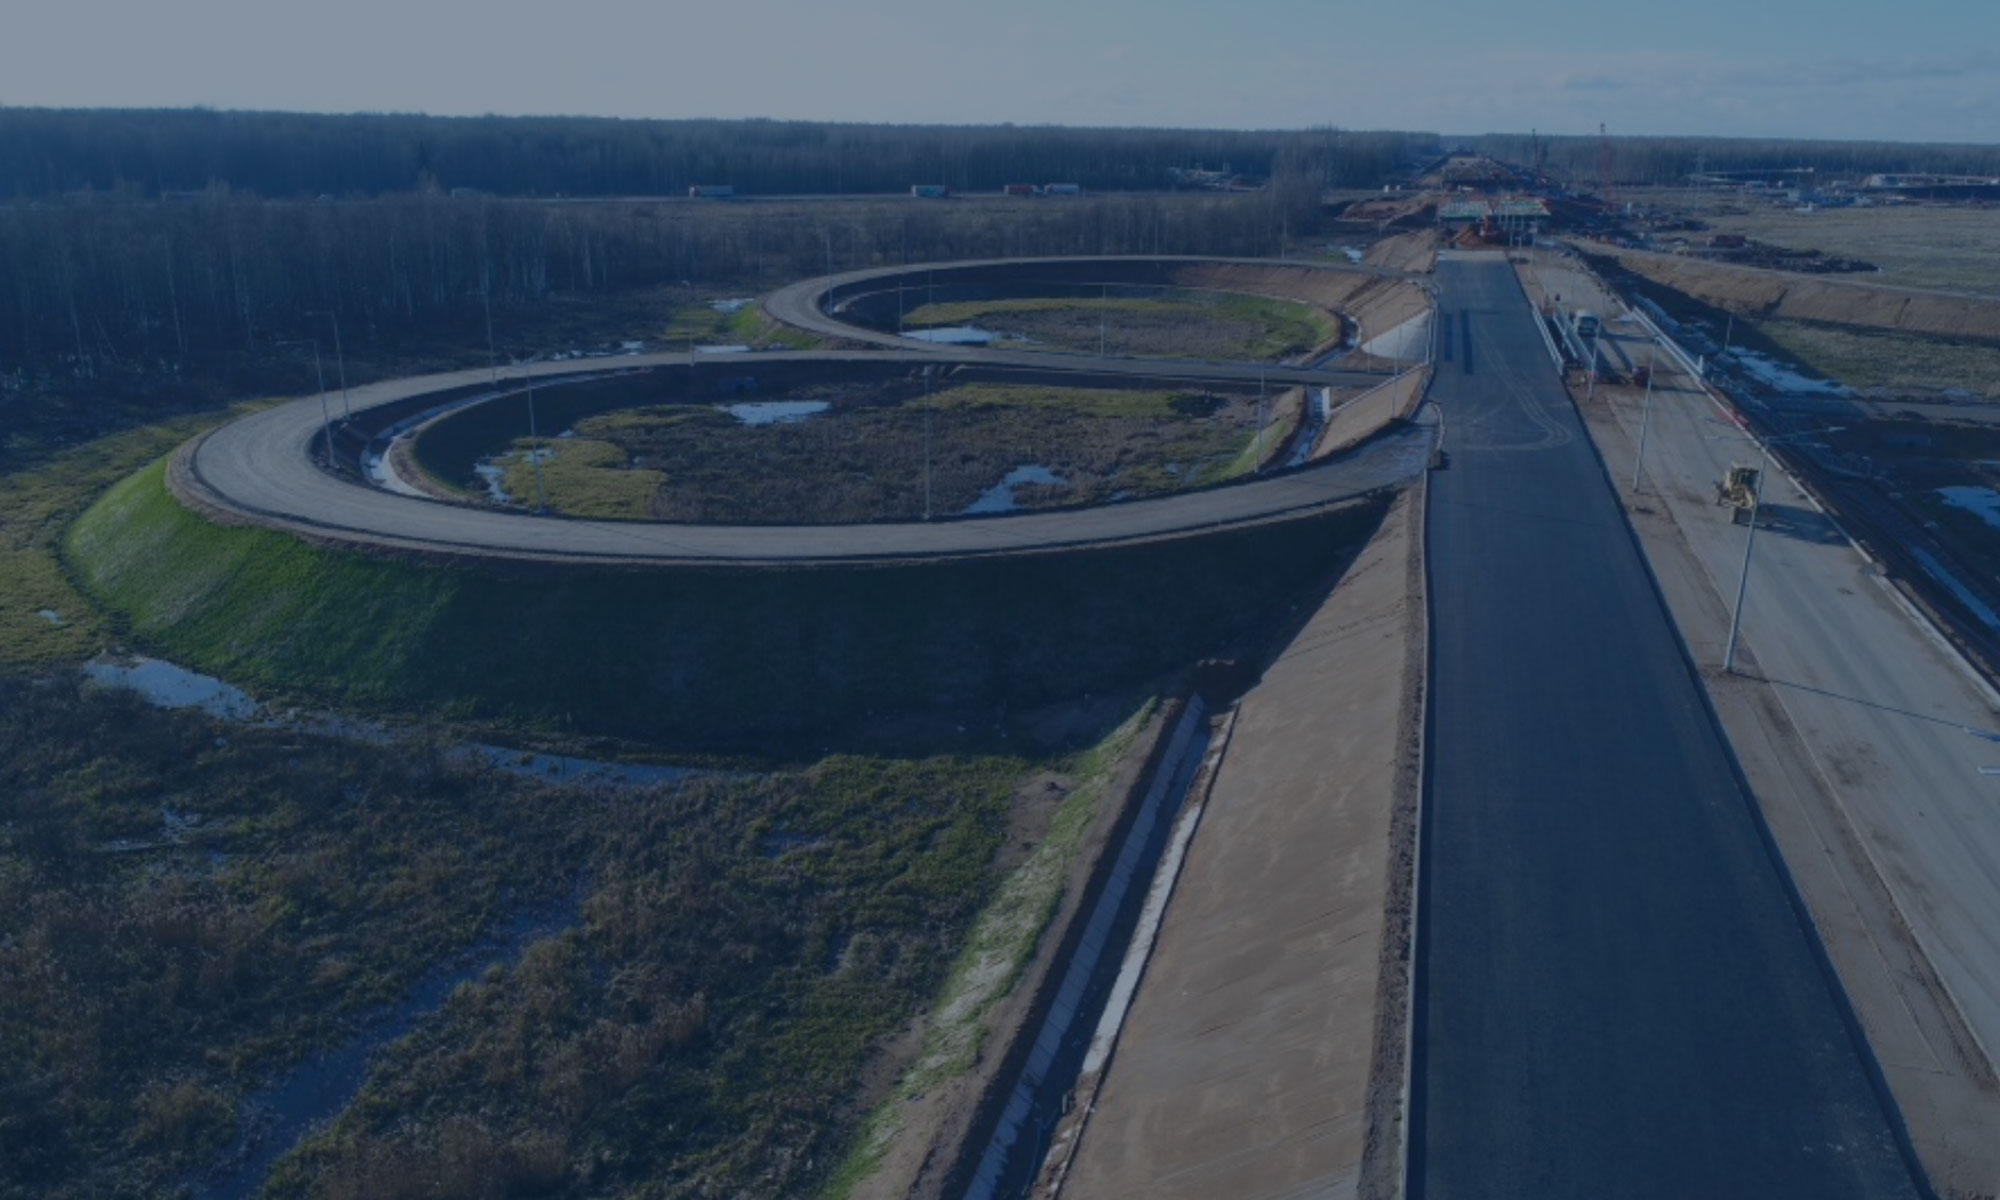 Строительство скоростной автомобильной дороги Москва — Санкт-Петербург на участке км 58 — км 684